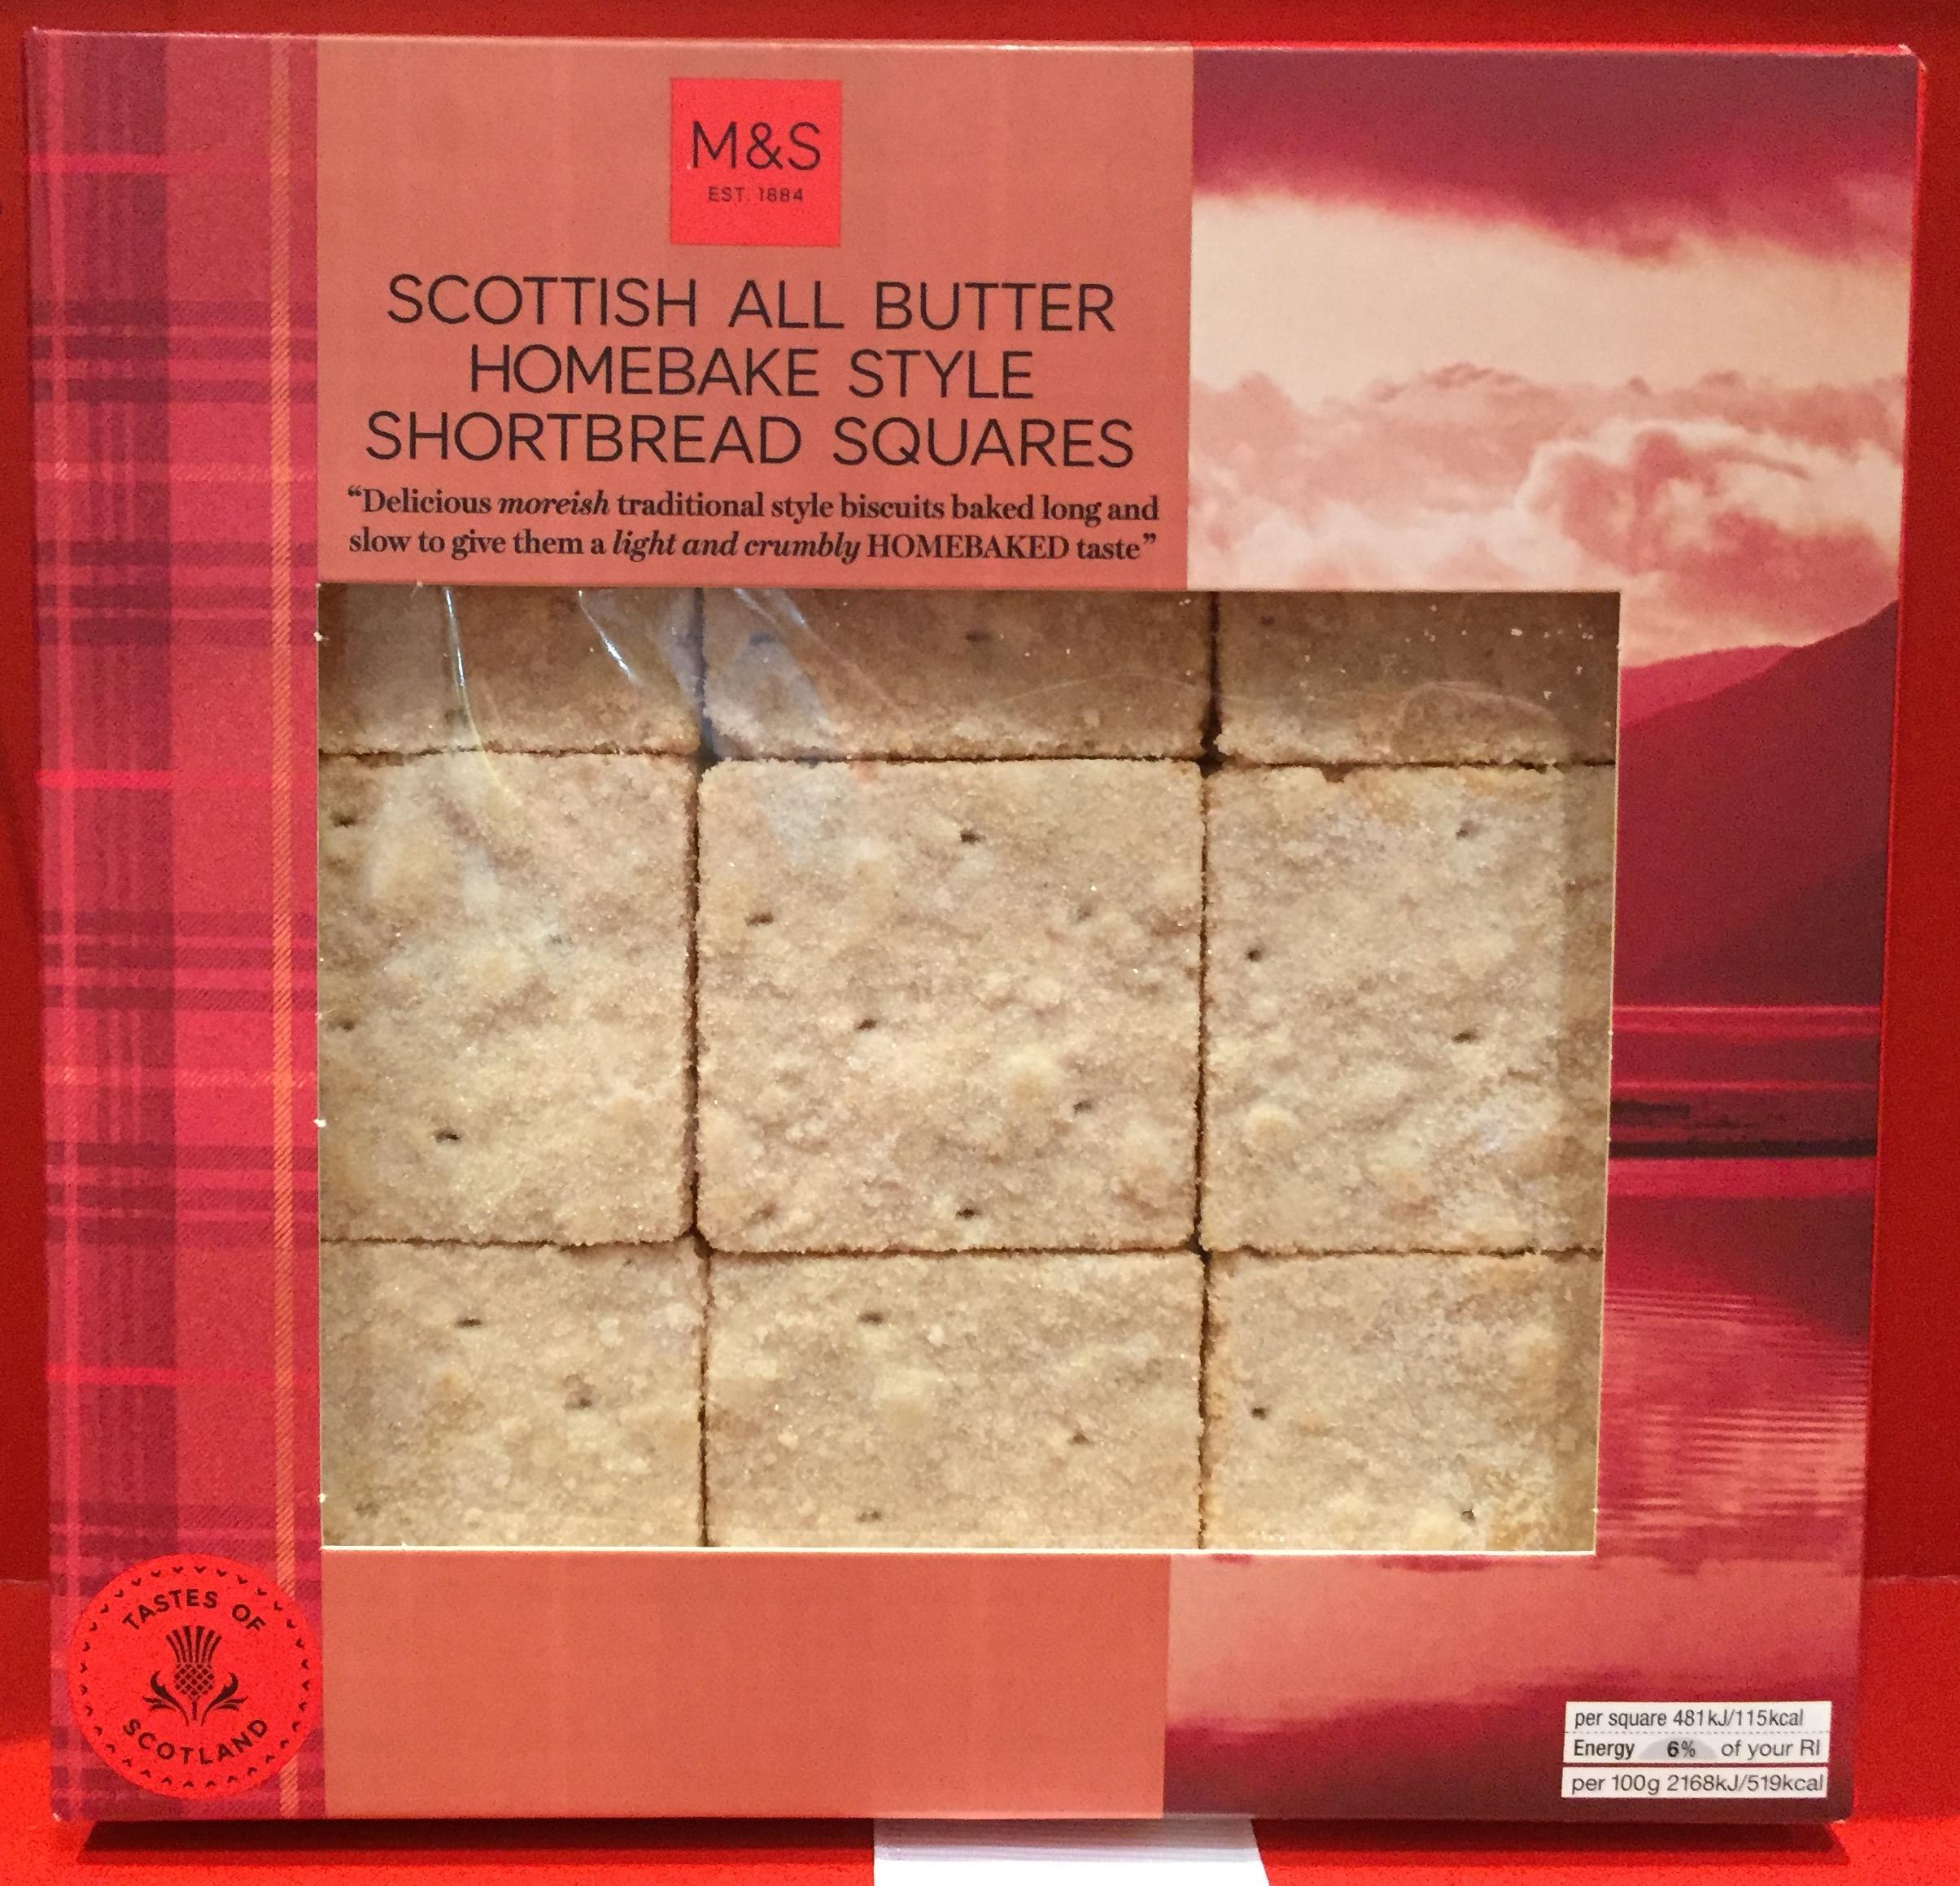 Marks & Spencer Scottish All Butter Homebake Style Shortbread Squares